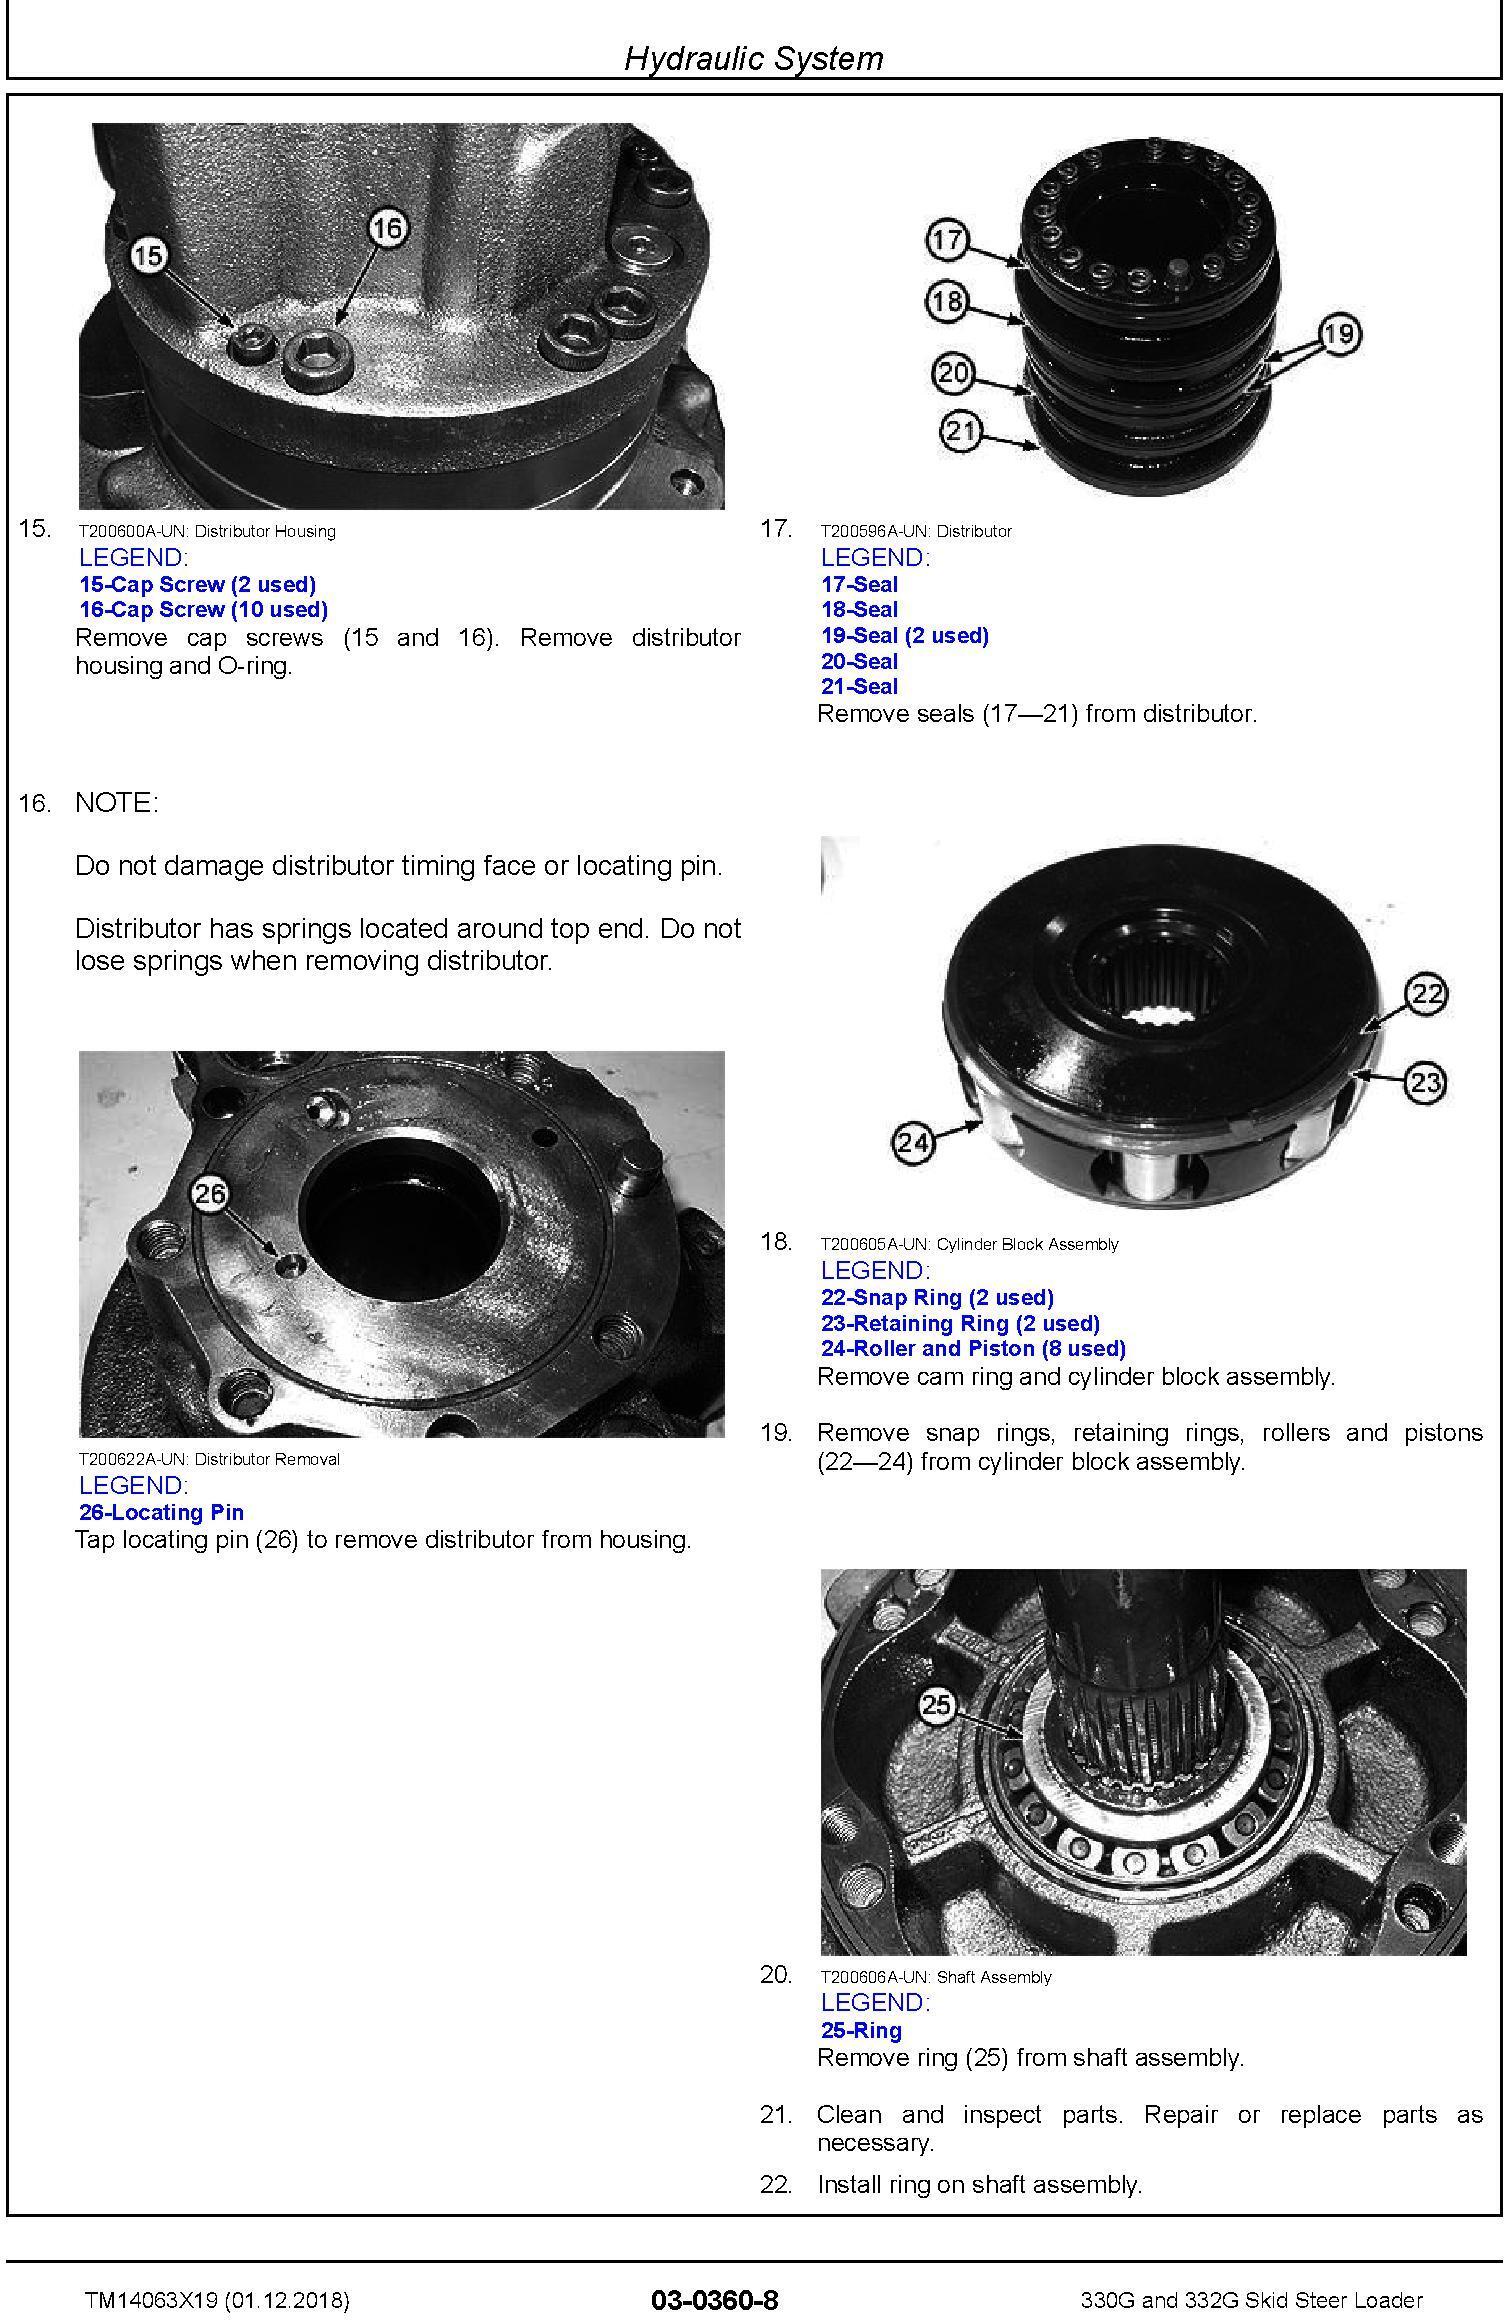 John Deere 330G and 332G Skid Steer Loader Repair Service Manual (TM14063X19) - 1